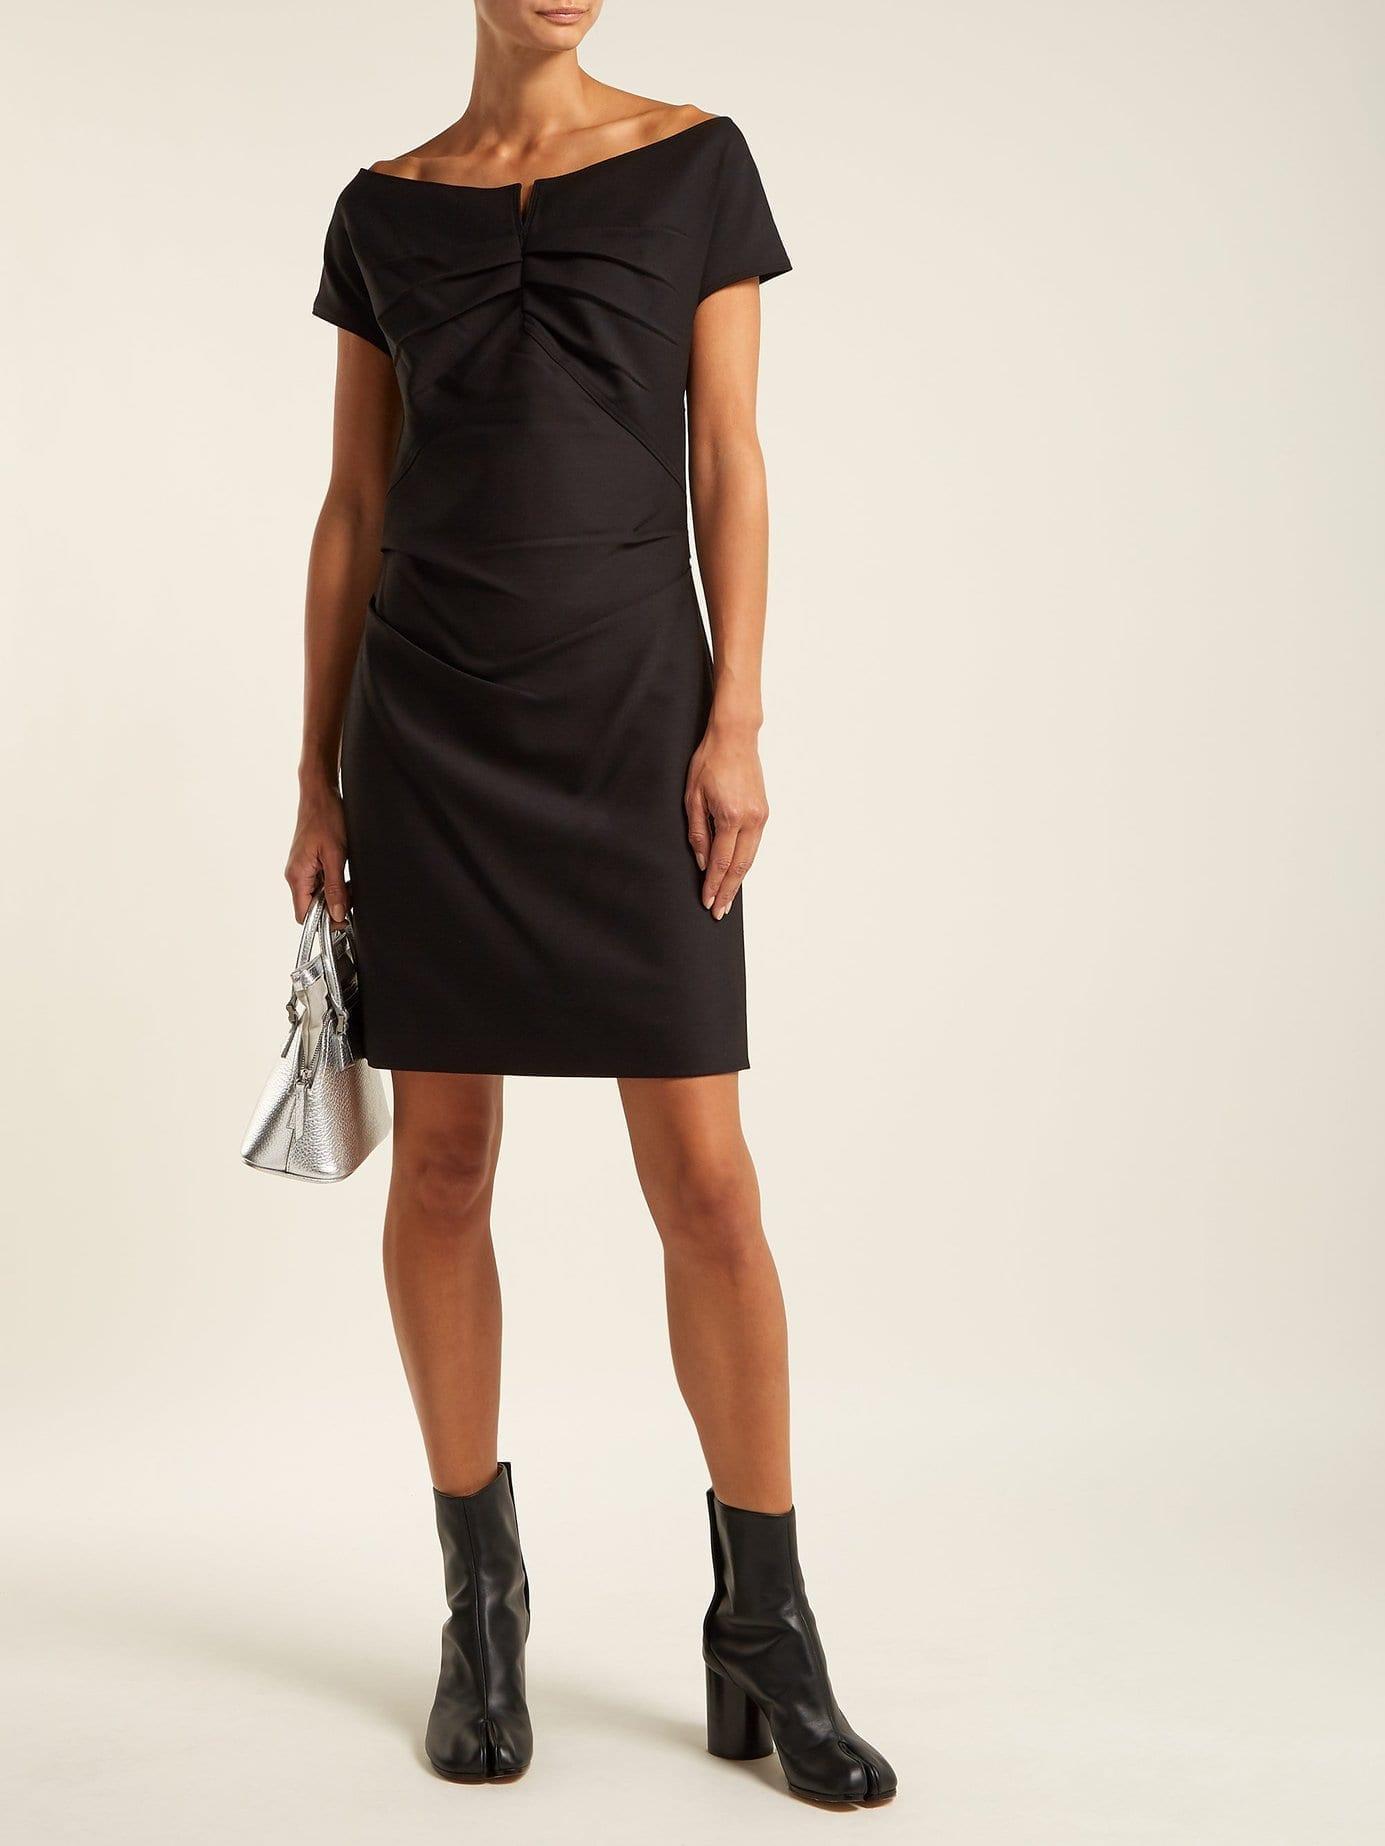 HELMUT LANG Off The Shoulder Crepe Black Dress